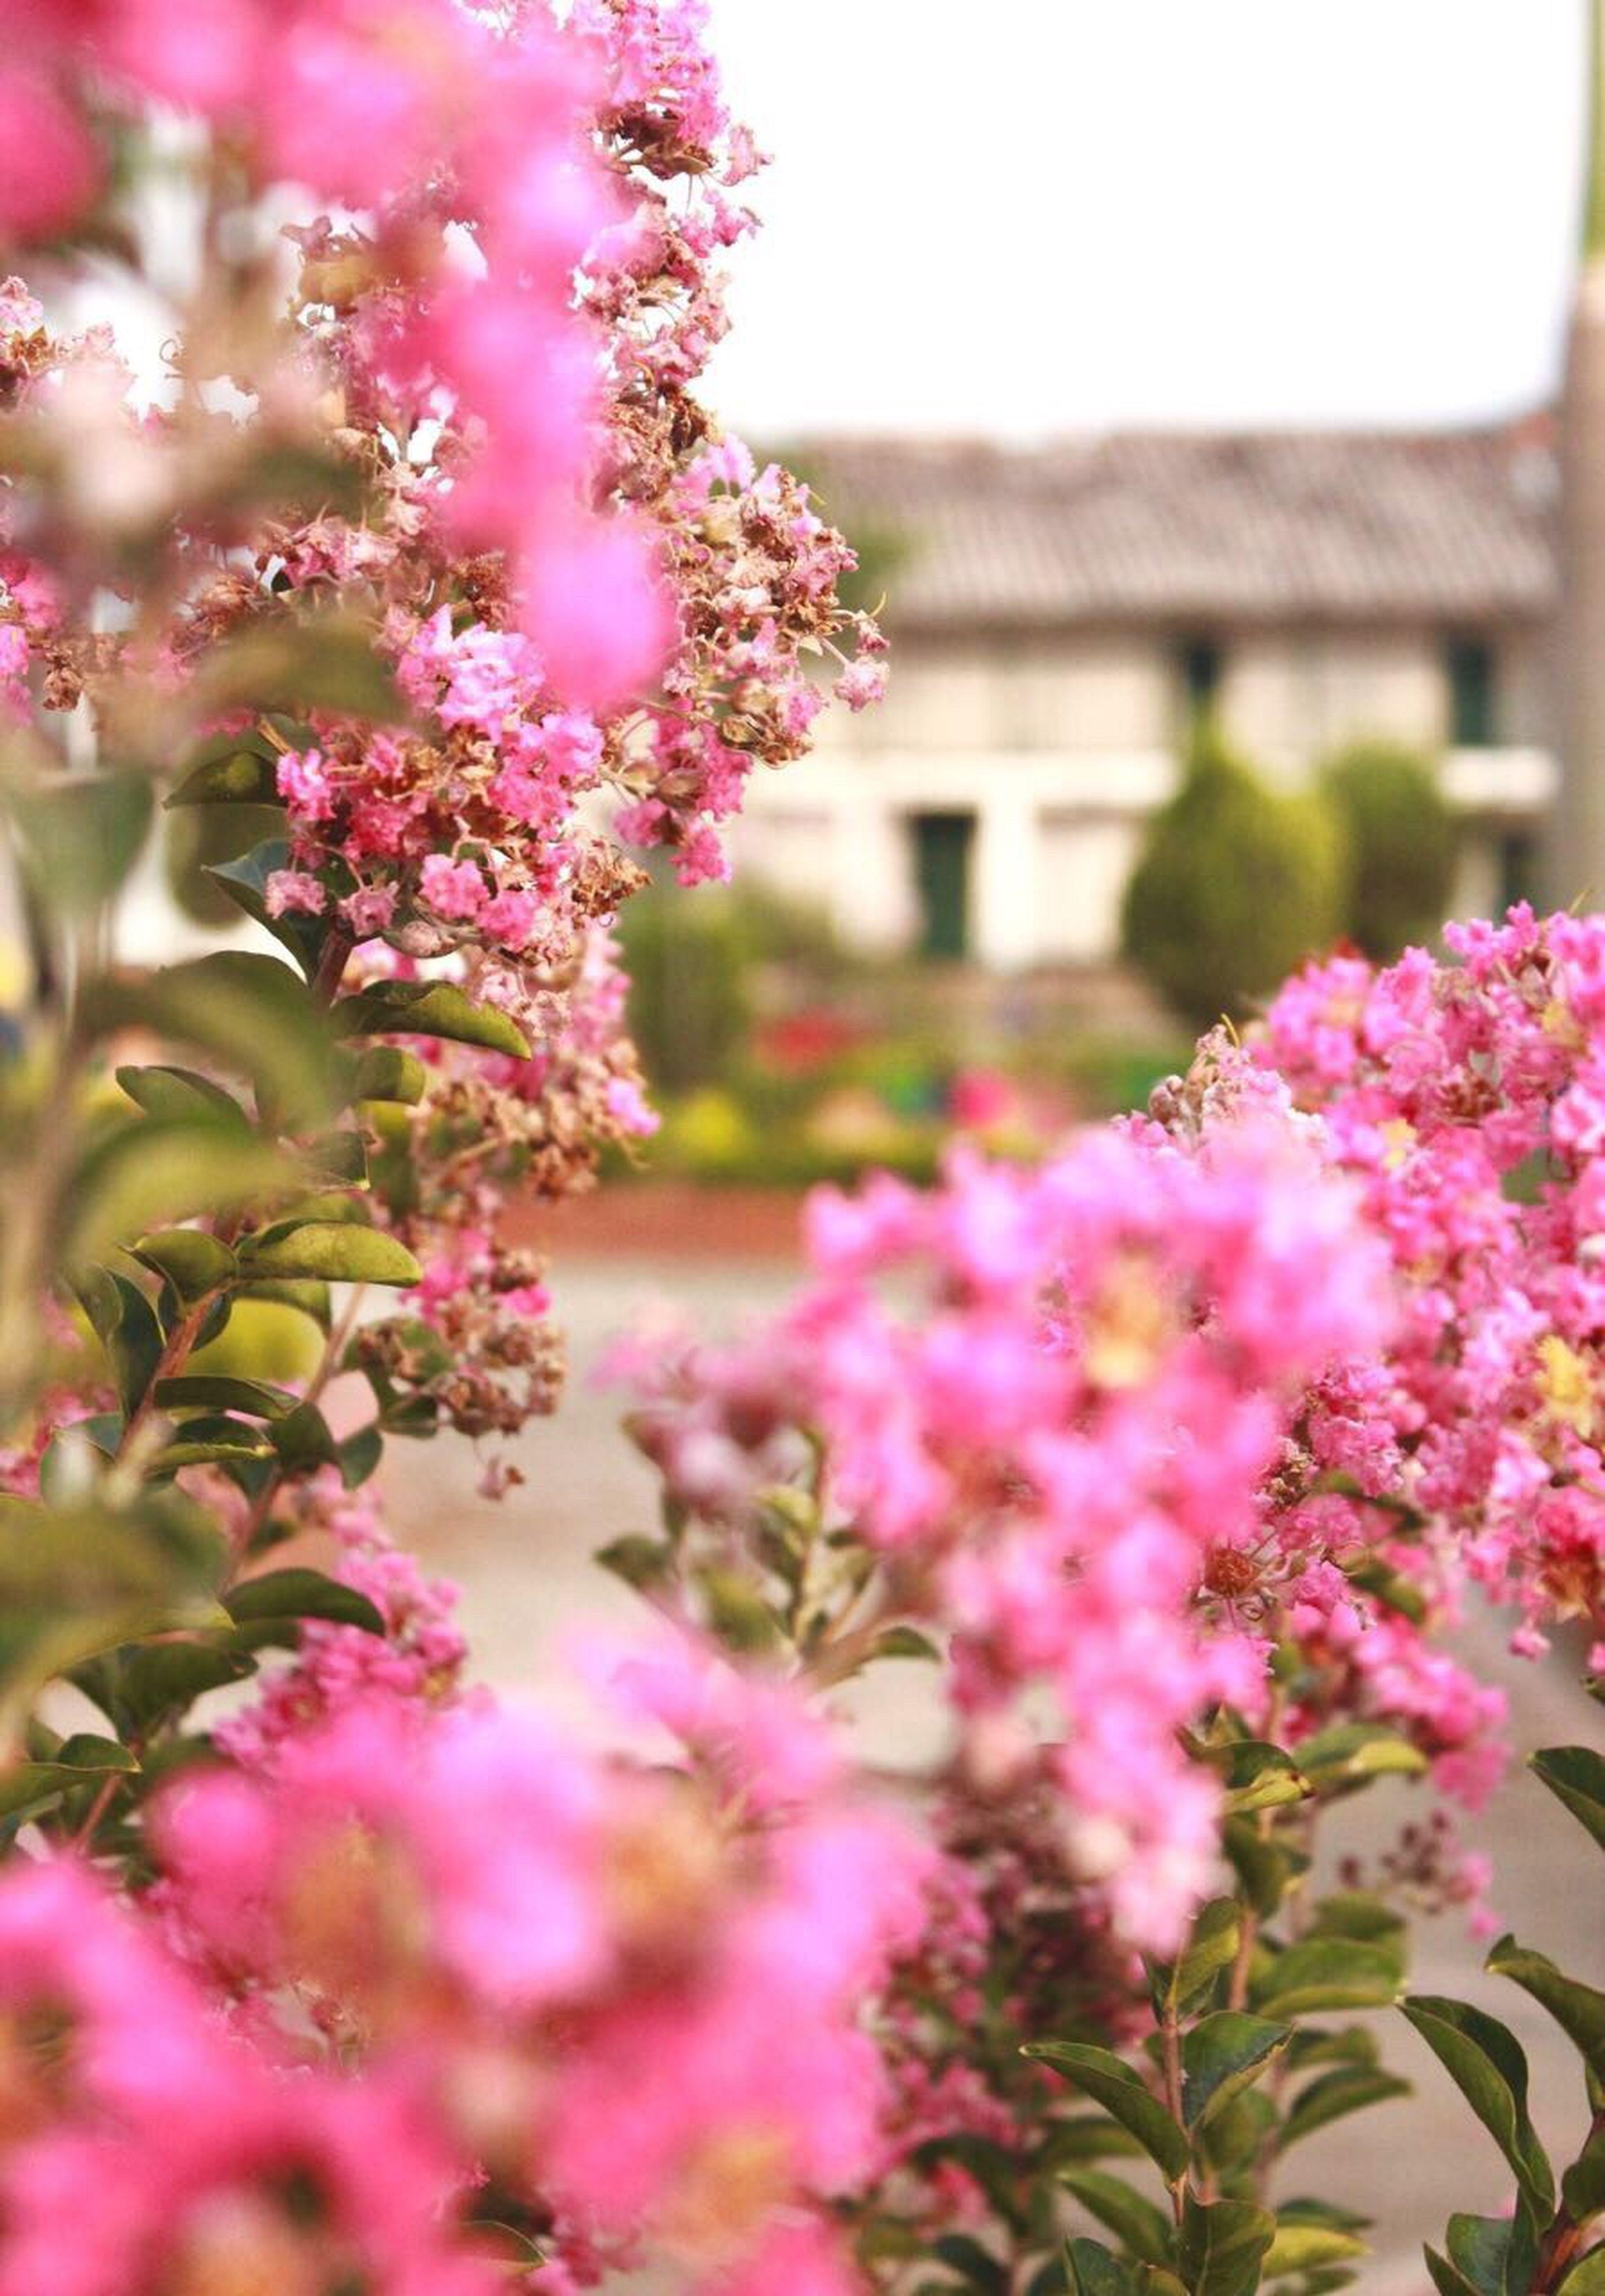 Stunning Place My Land Nature Sense Flower Strong Beauty Twothousandseventeen